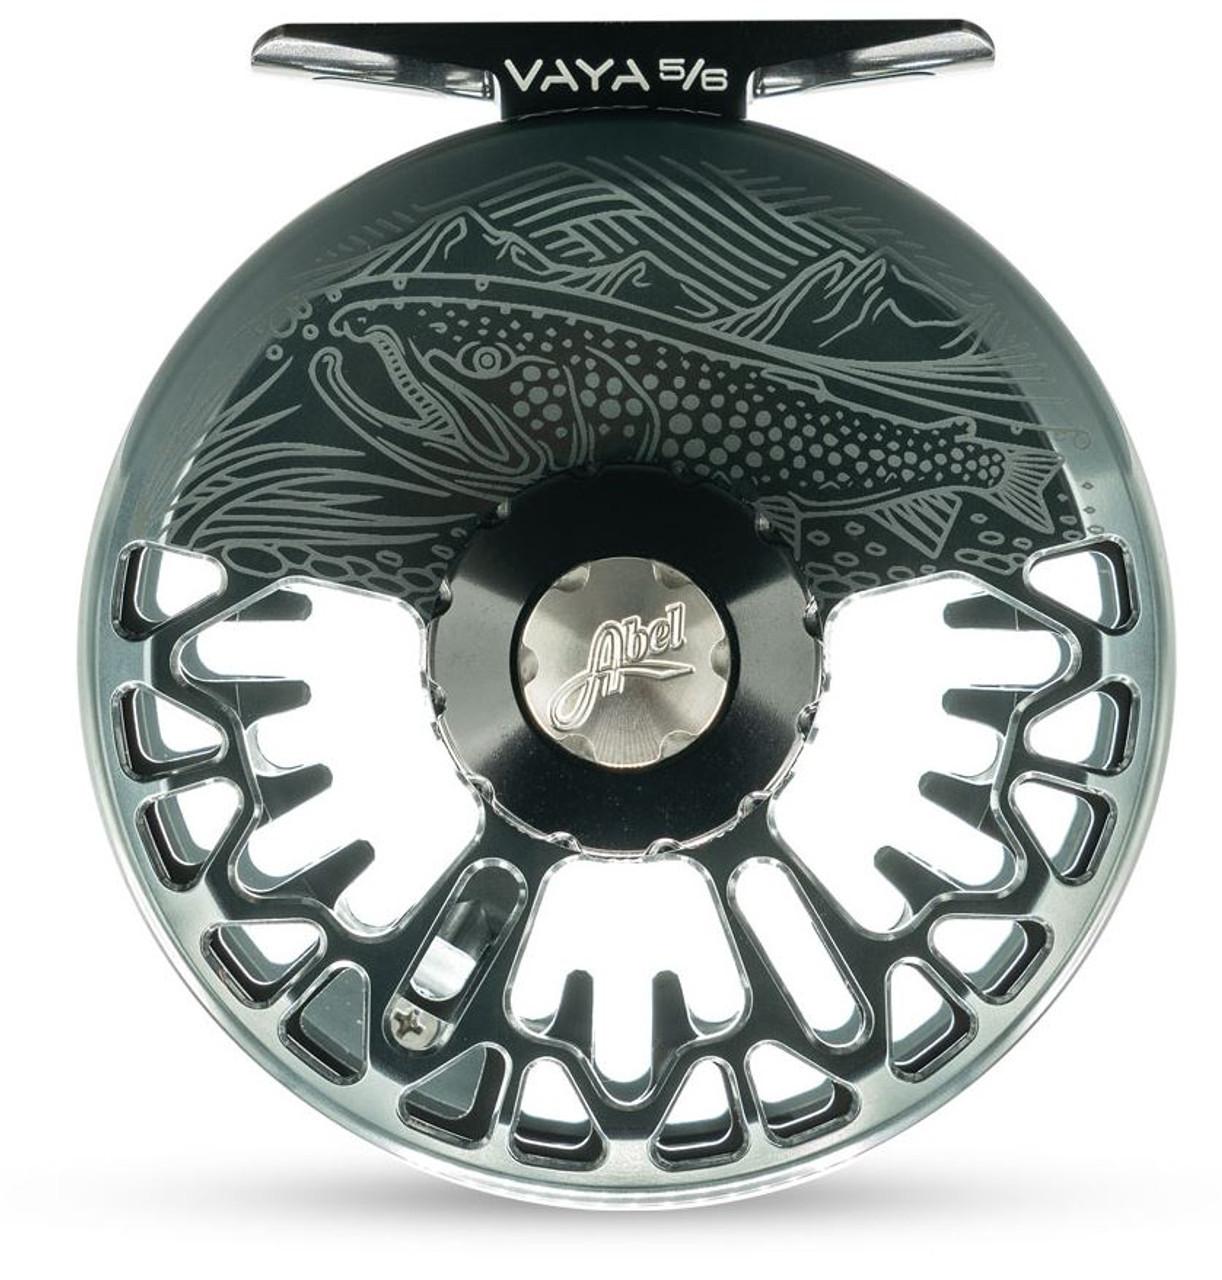 VAYA - ON THE HUNT